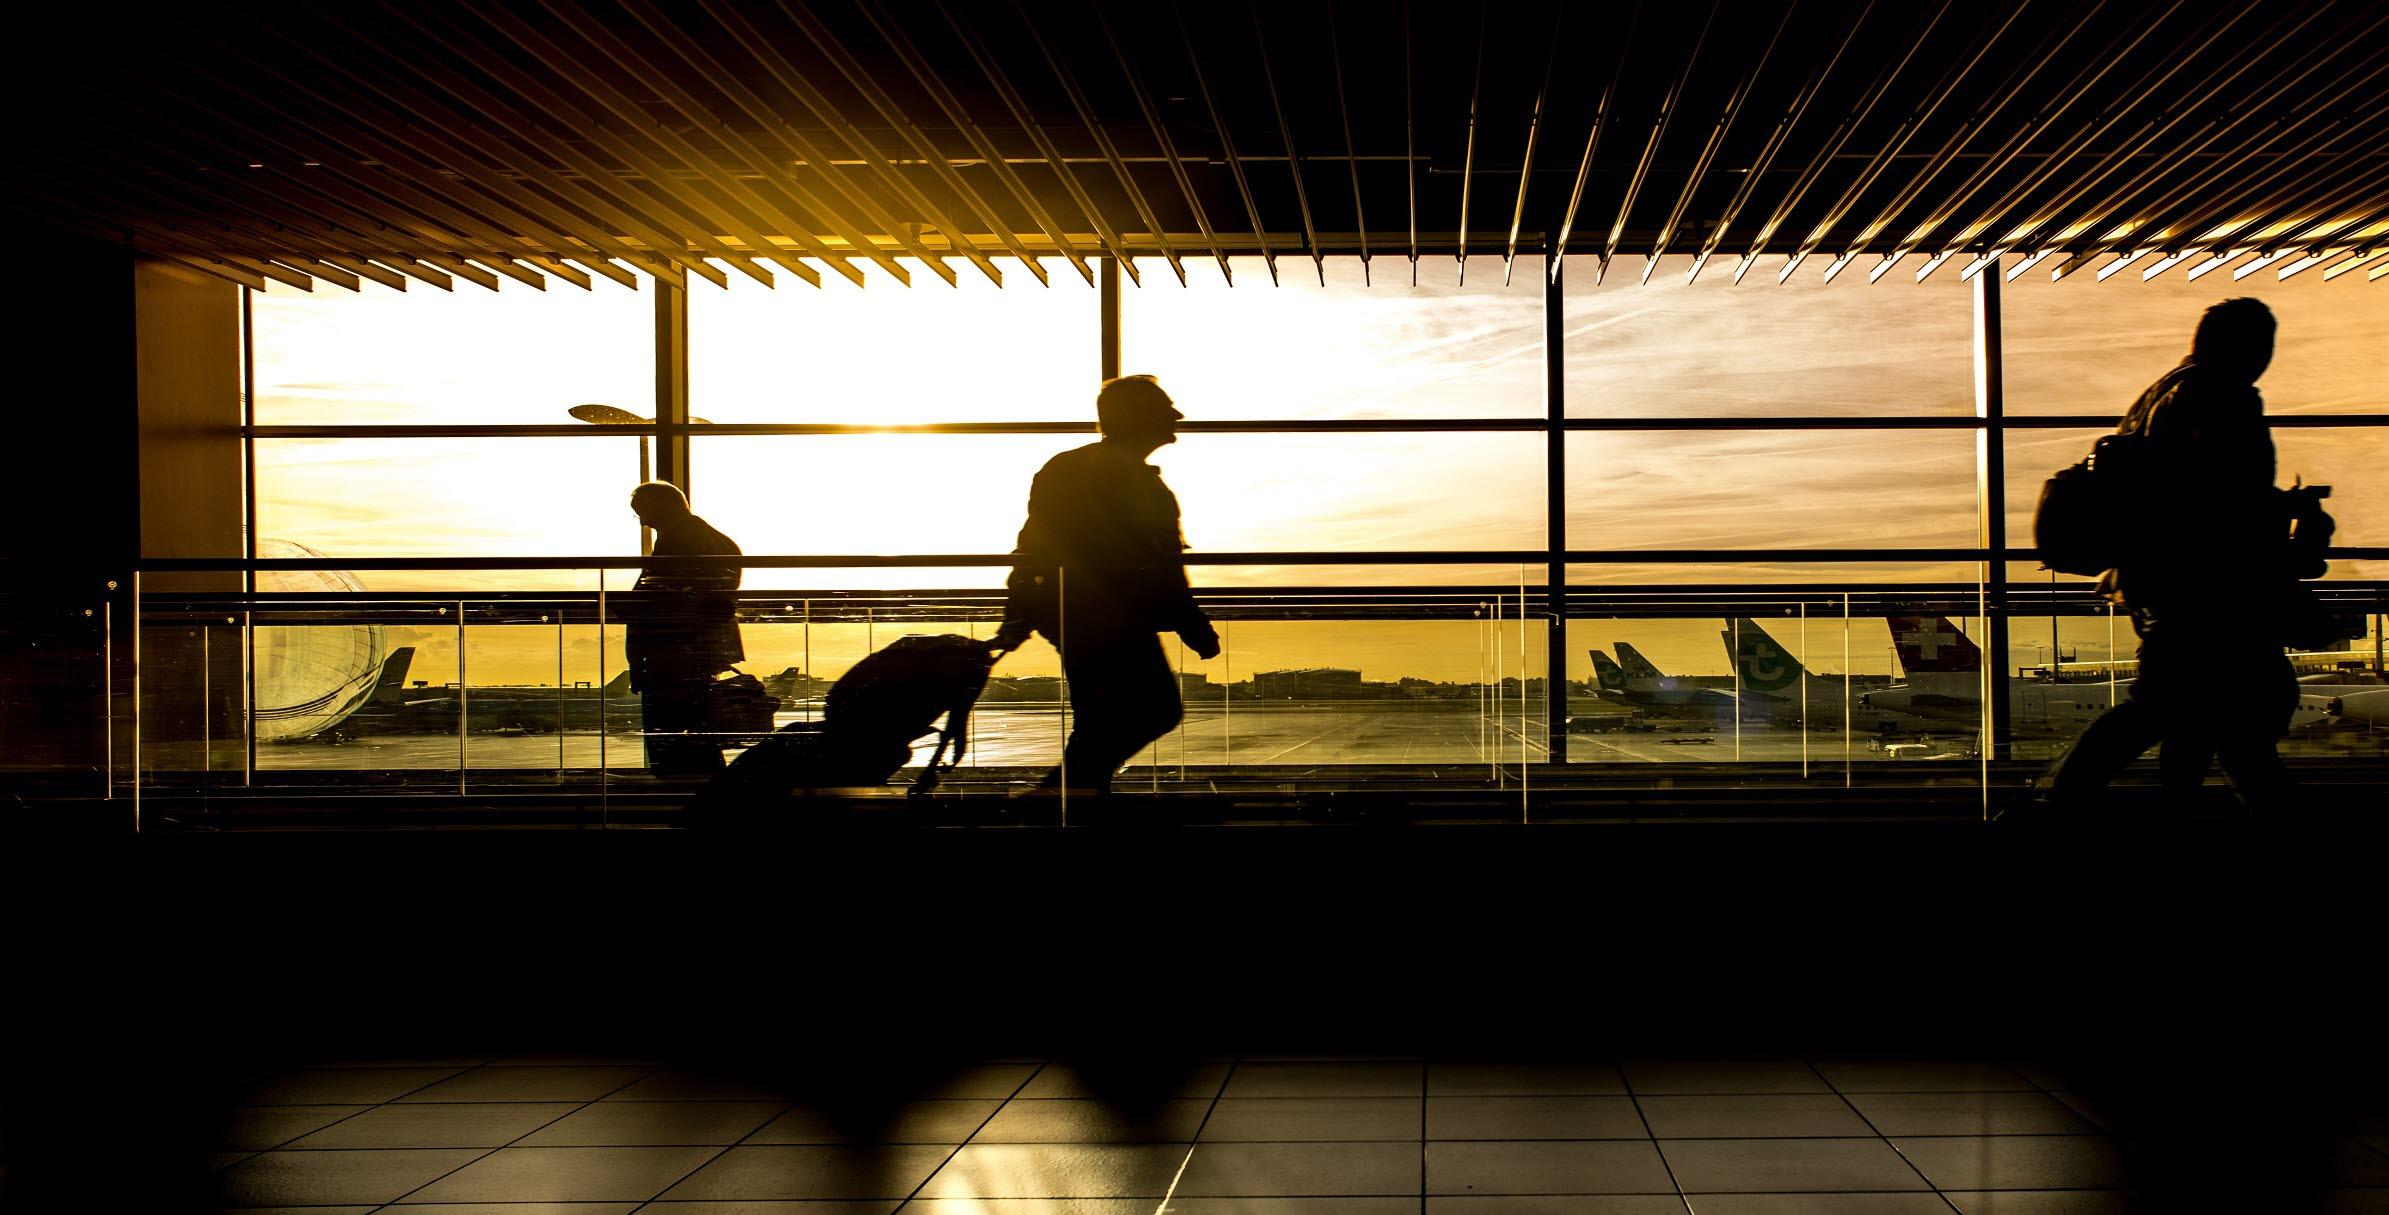 airport, people, pexels, 290318, mb